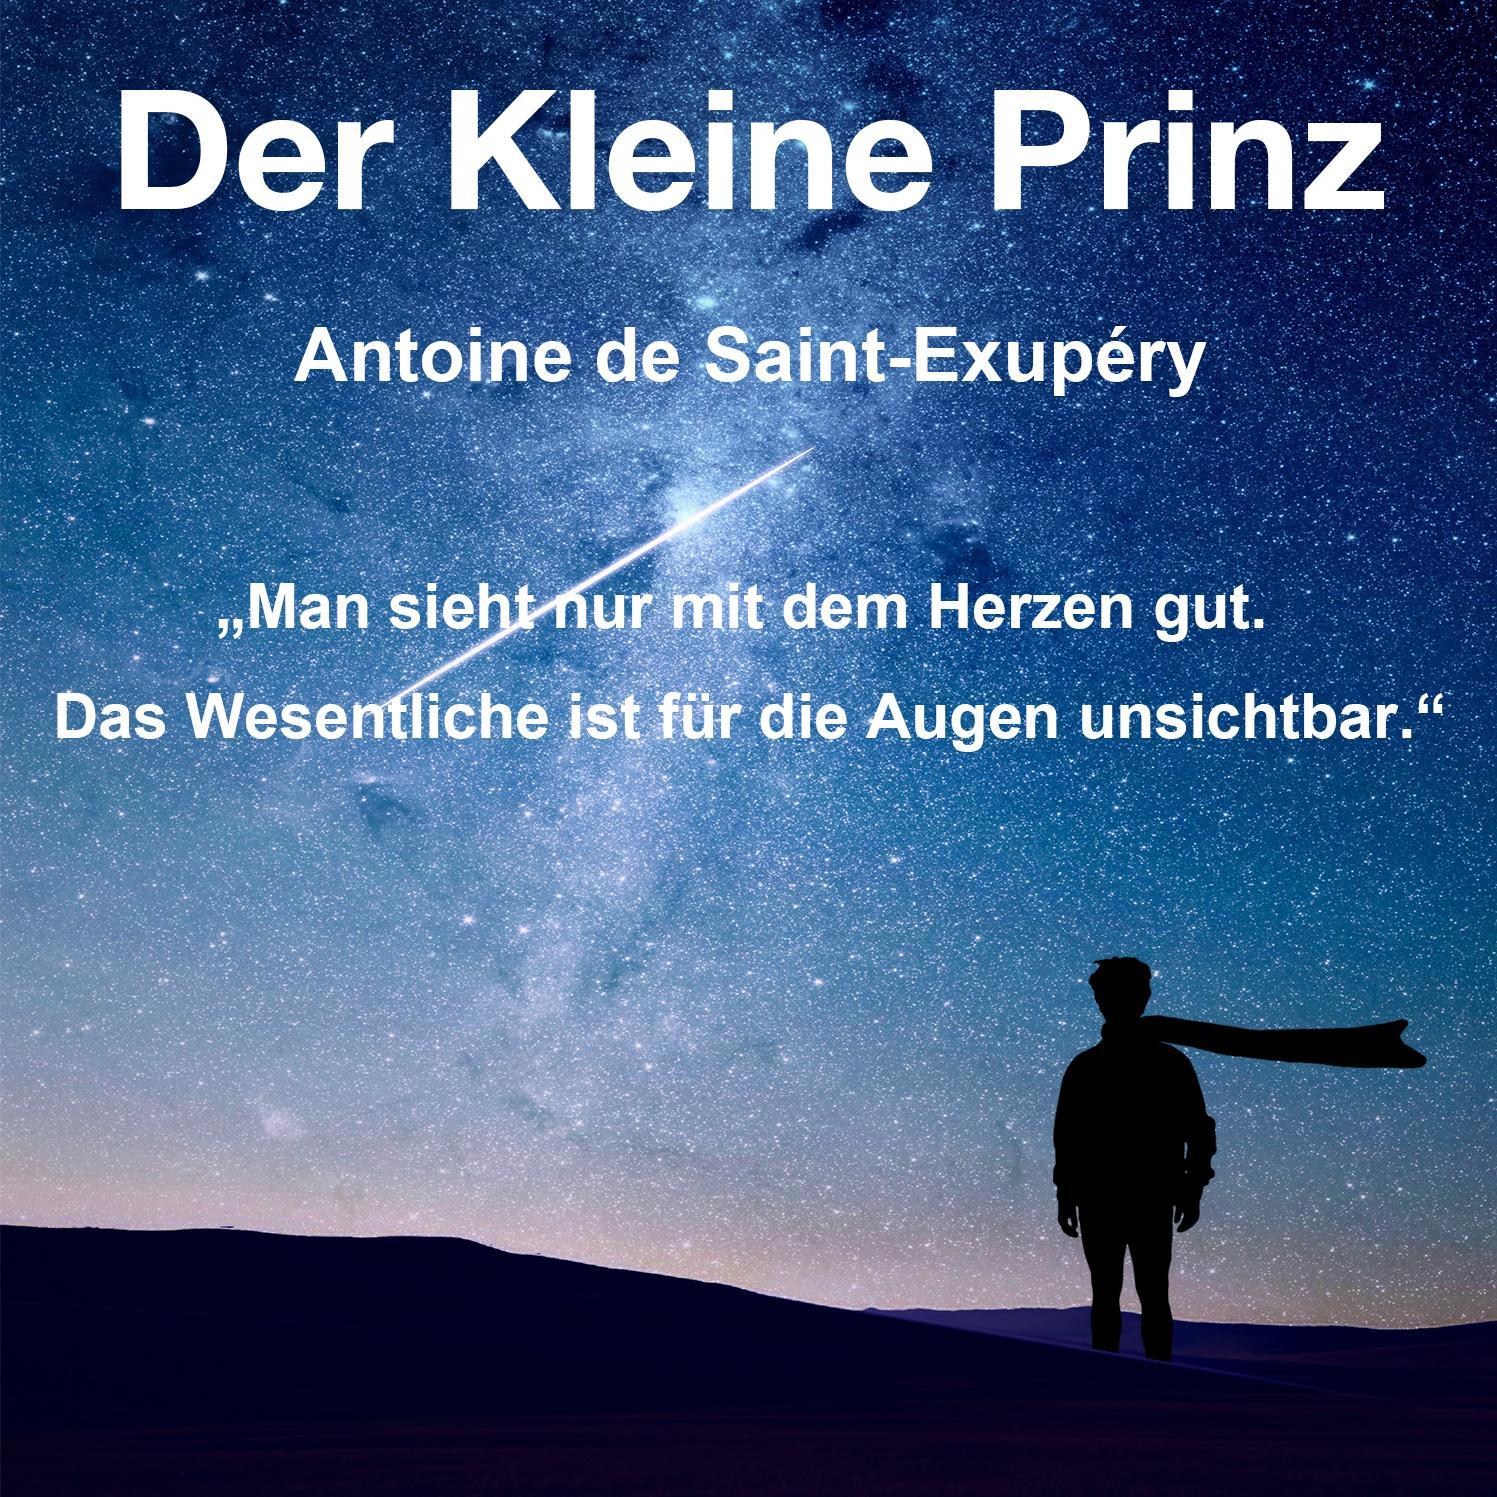 <![CDATA[Der Kleine Prinz]]>